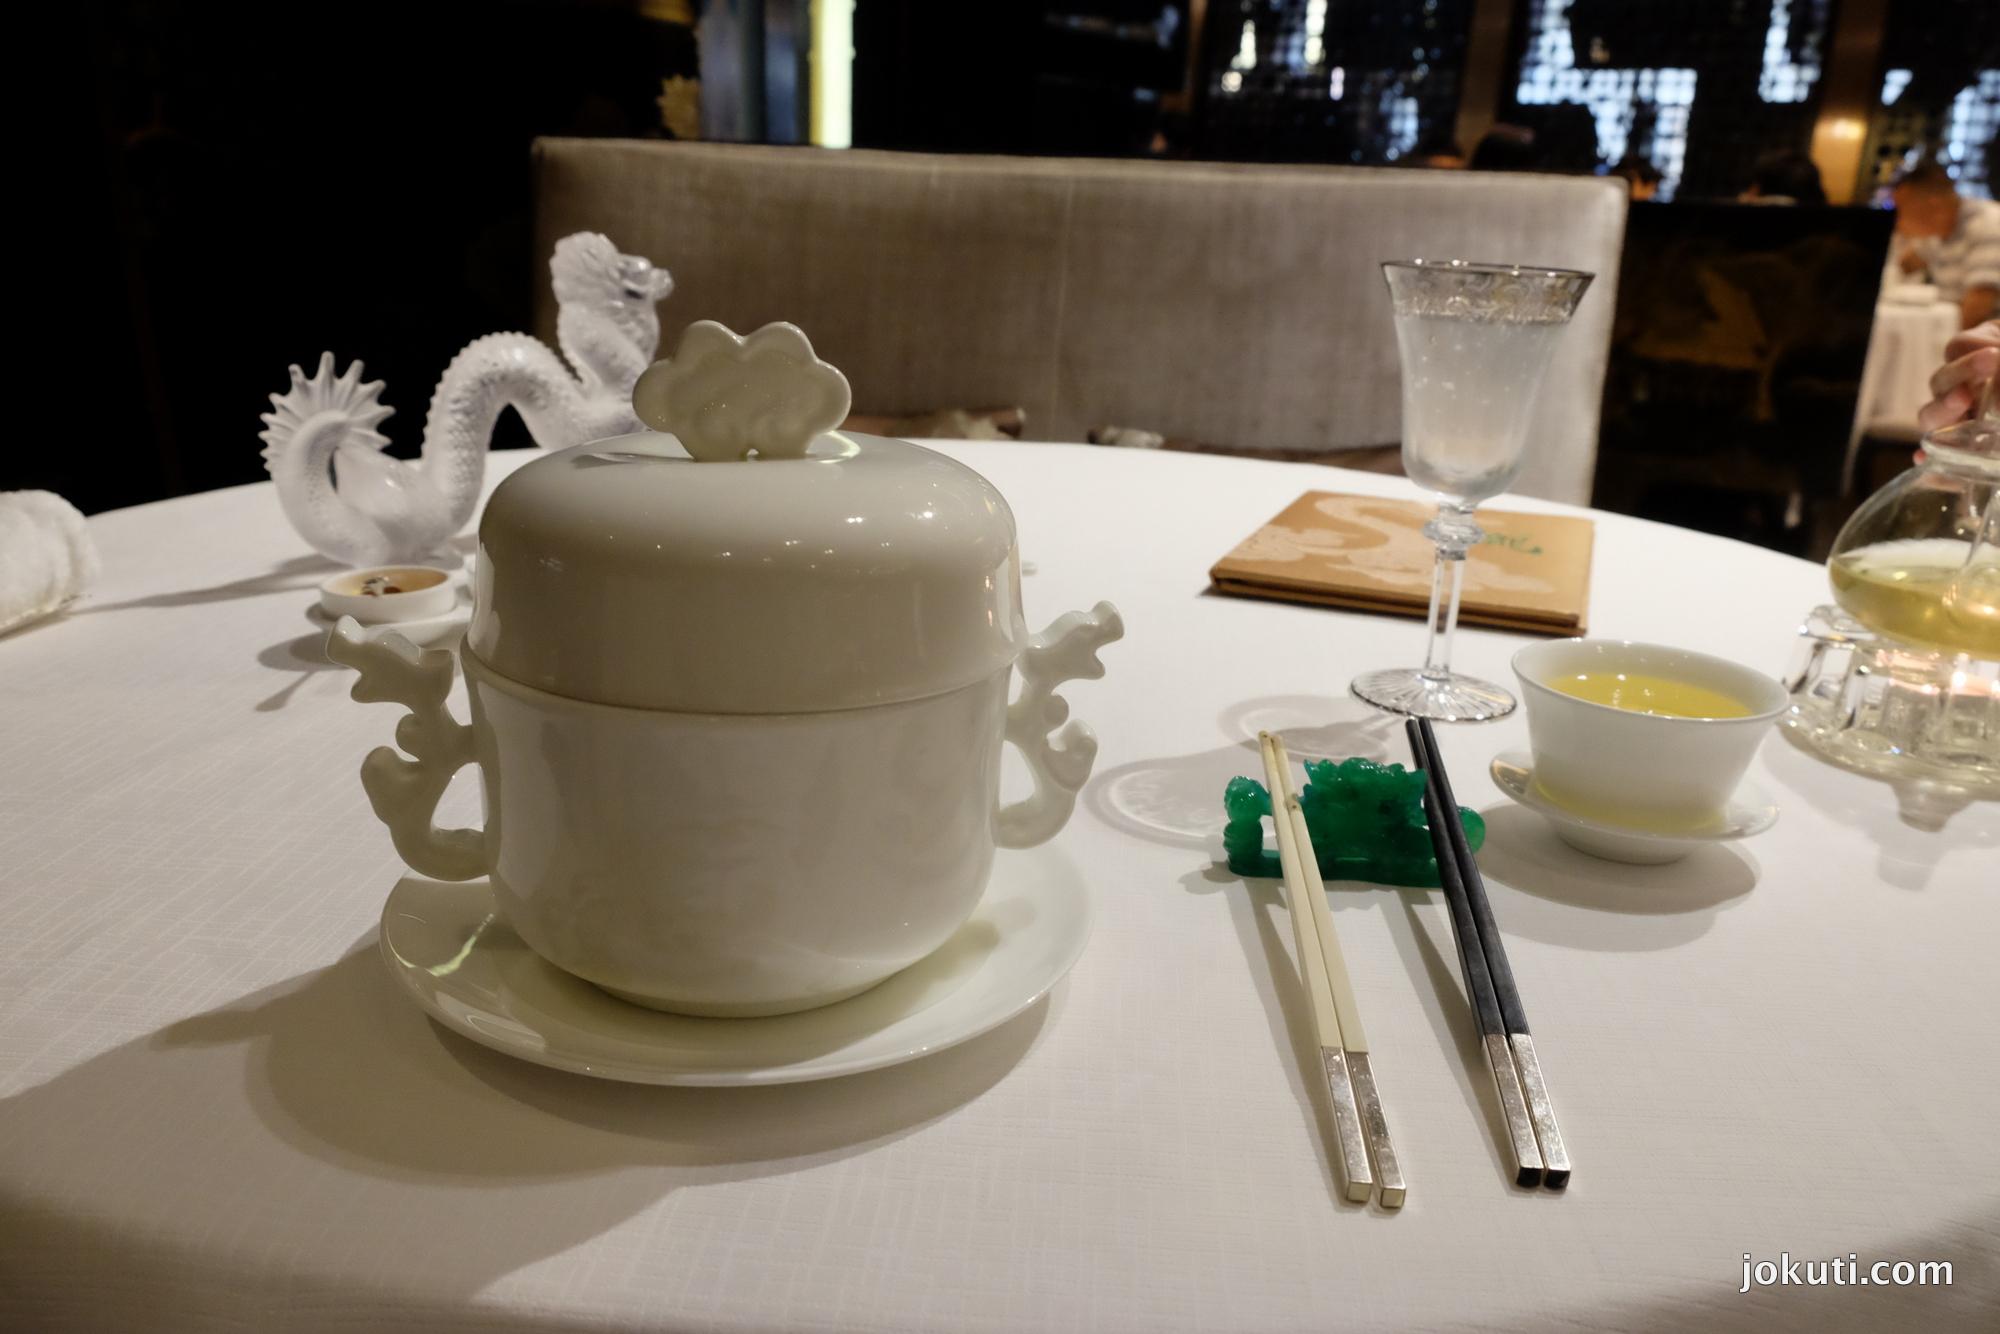 dscf6841_jade_dragon_restaurant_cantonese_chinese_michelin_macau_makao_china_kinai_vilagevo_jokuti.jpg